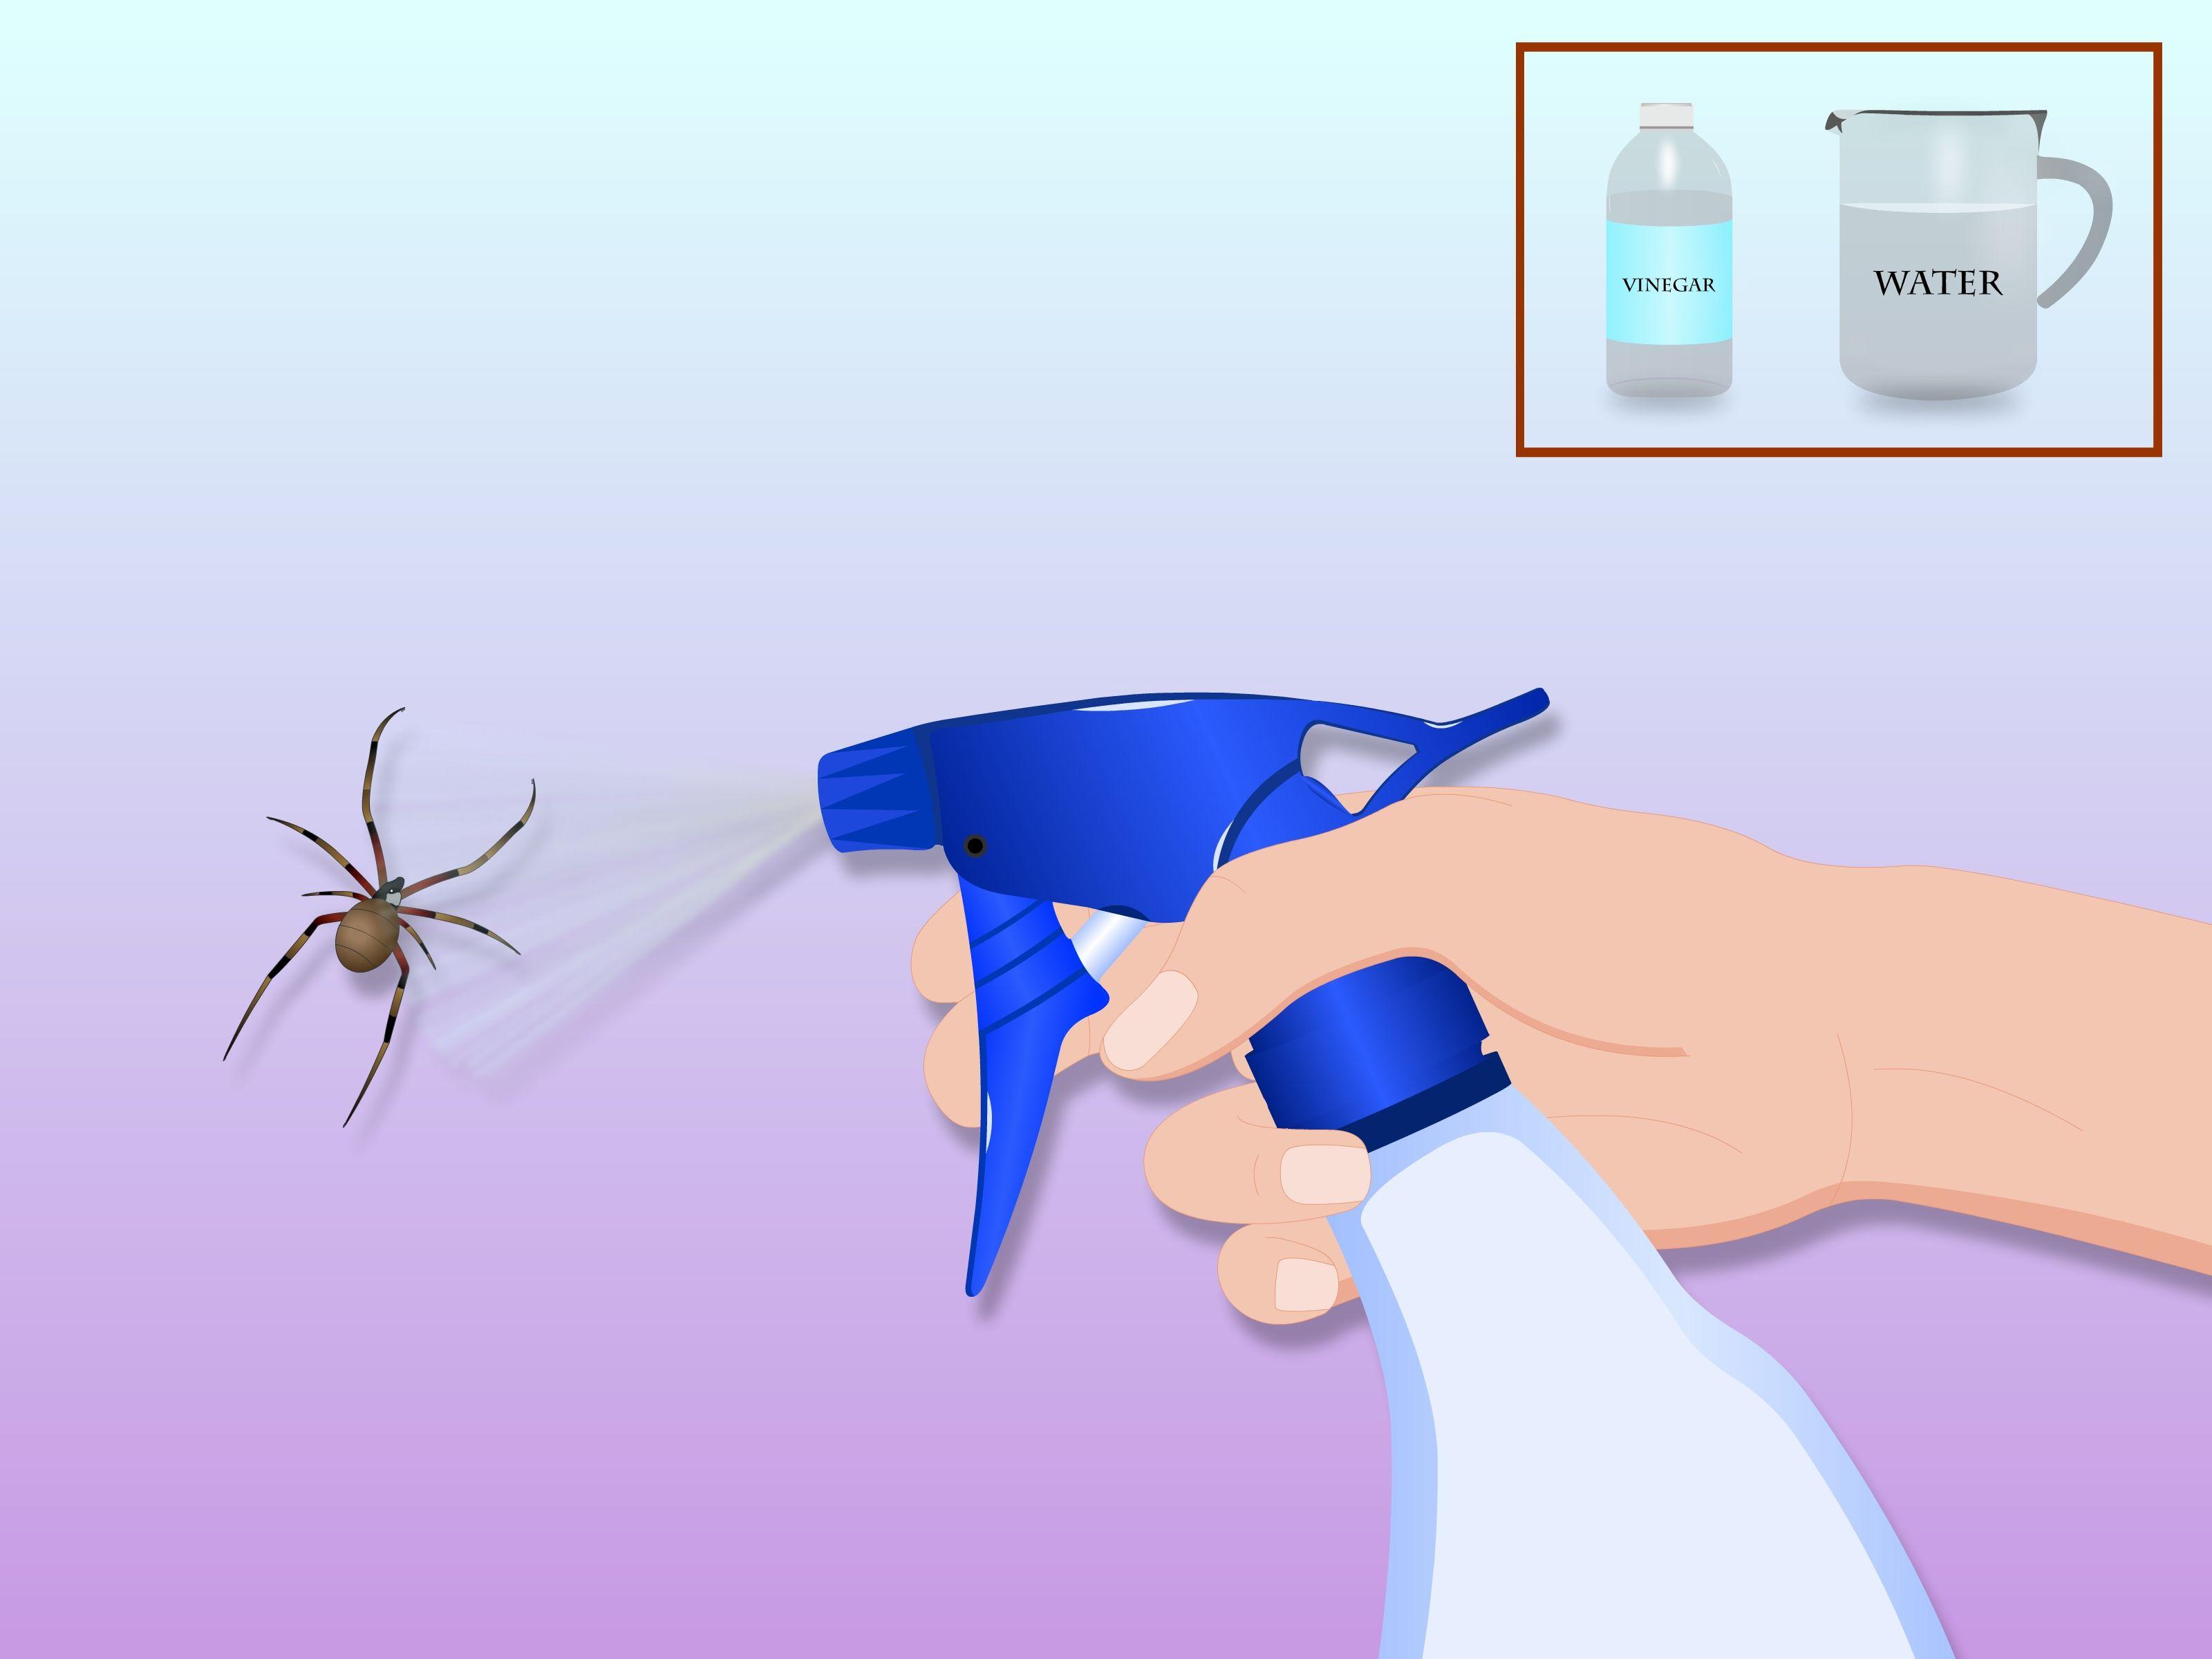 c0dd124414d56ff1b3bc2da01264181f - How To Get Rid Of A Spider Infestation Outside